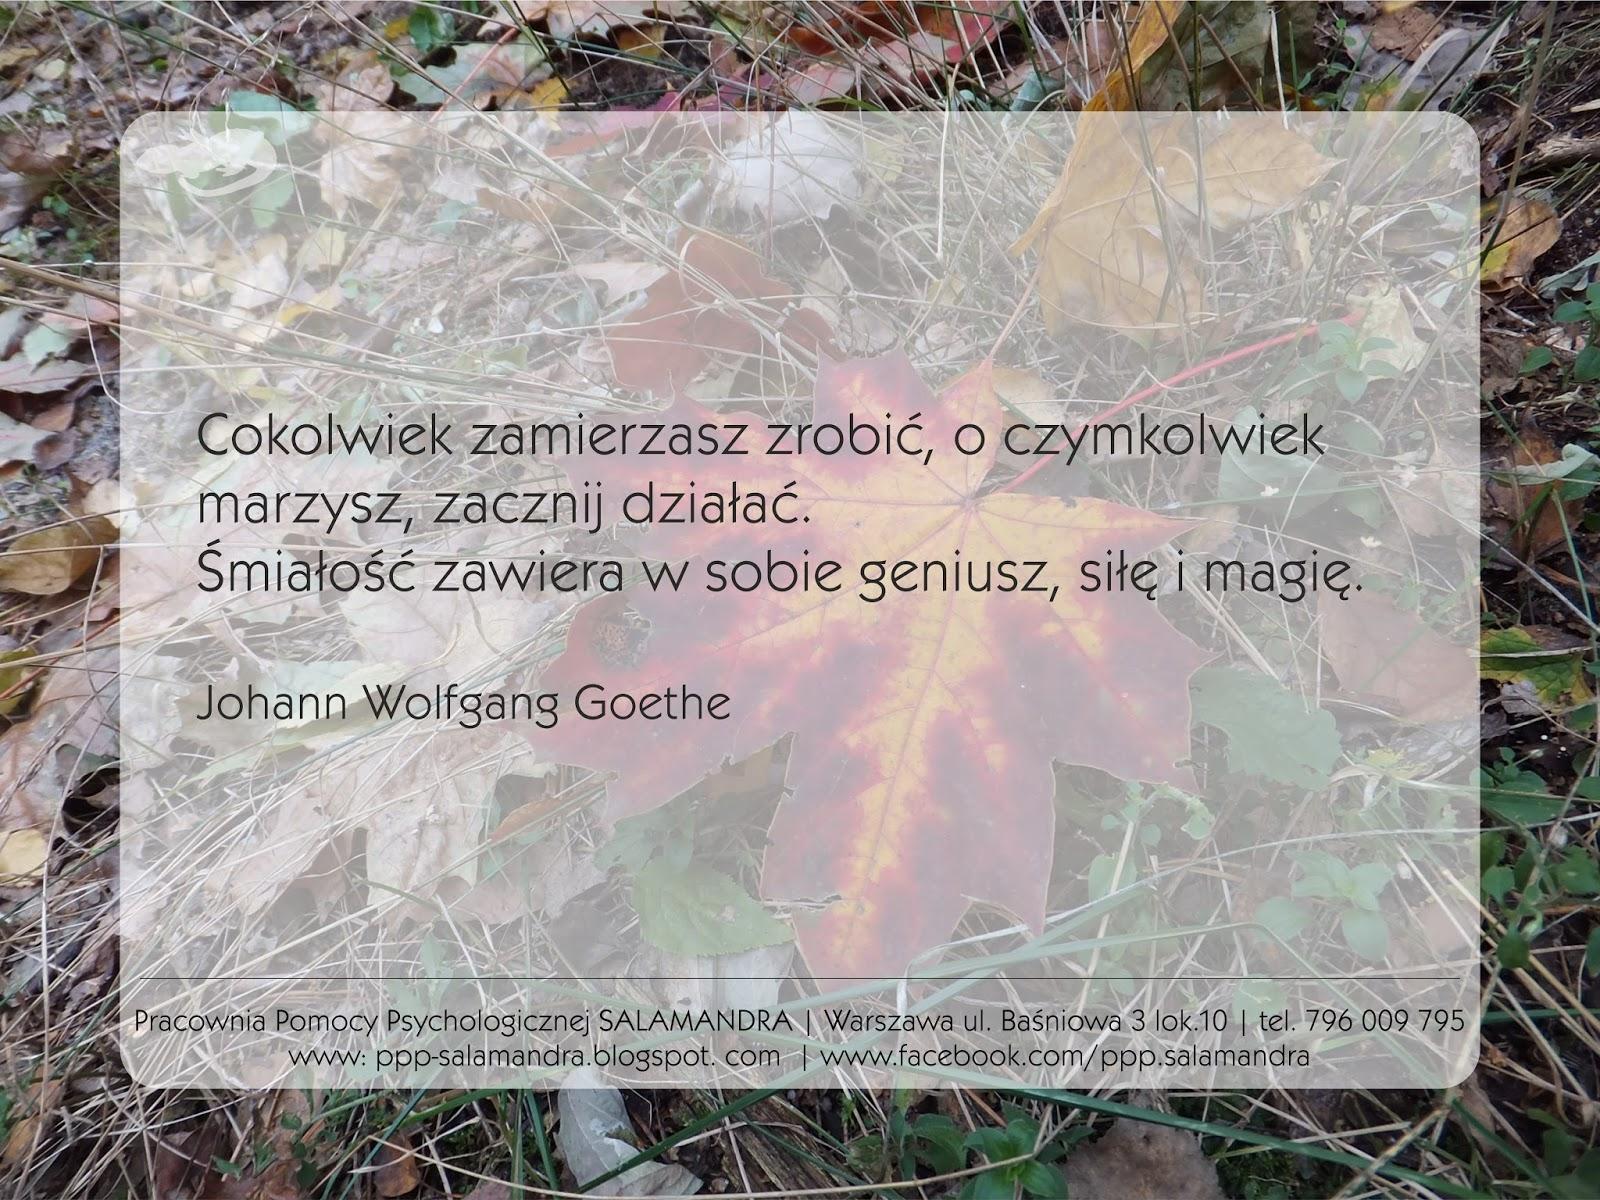 Dobry psycholog Warszawa i Goethe o śmiałości w dzialaniu